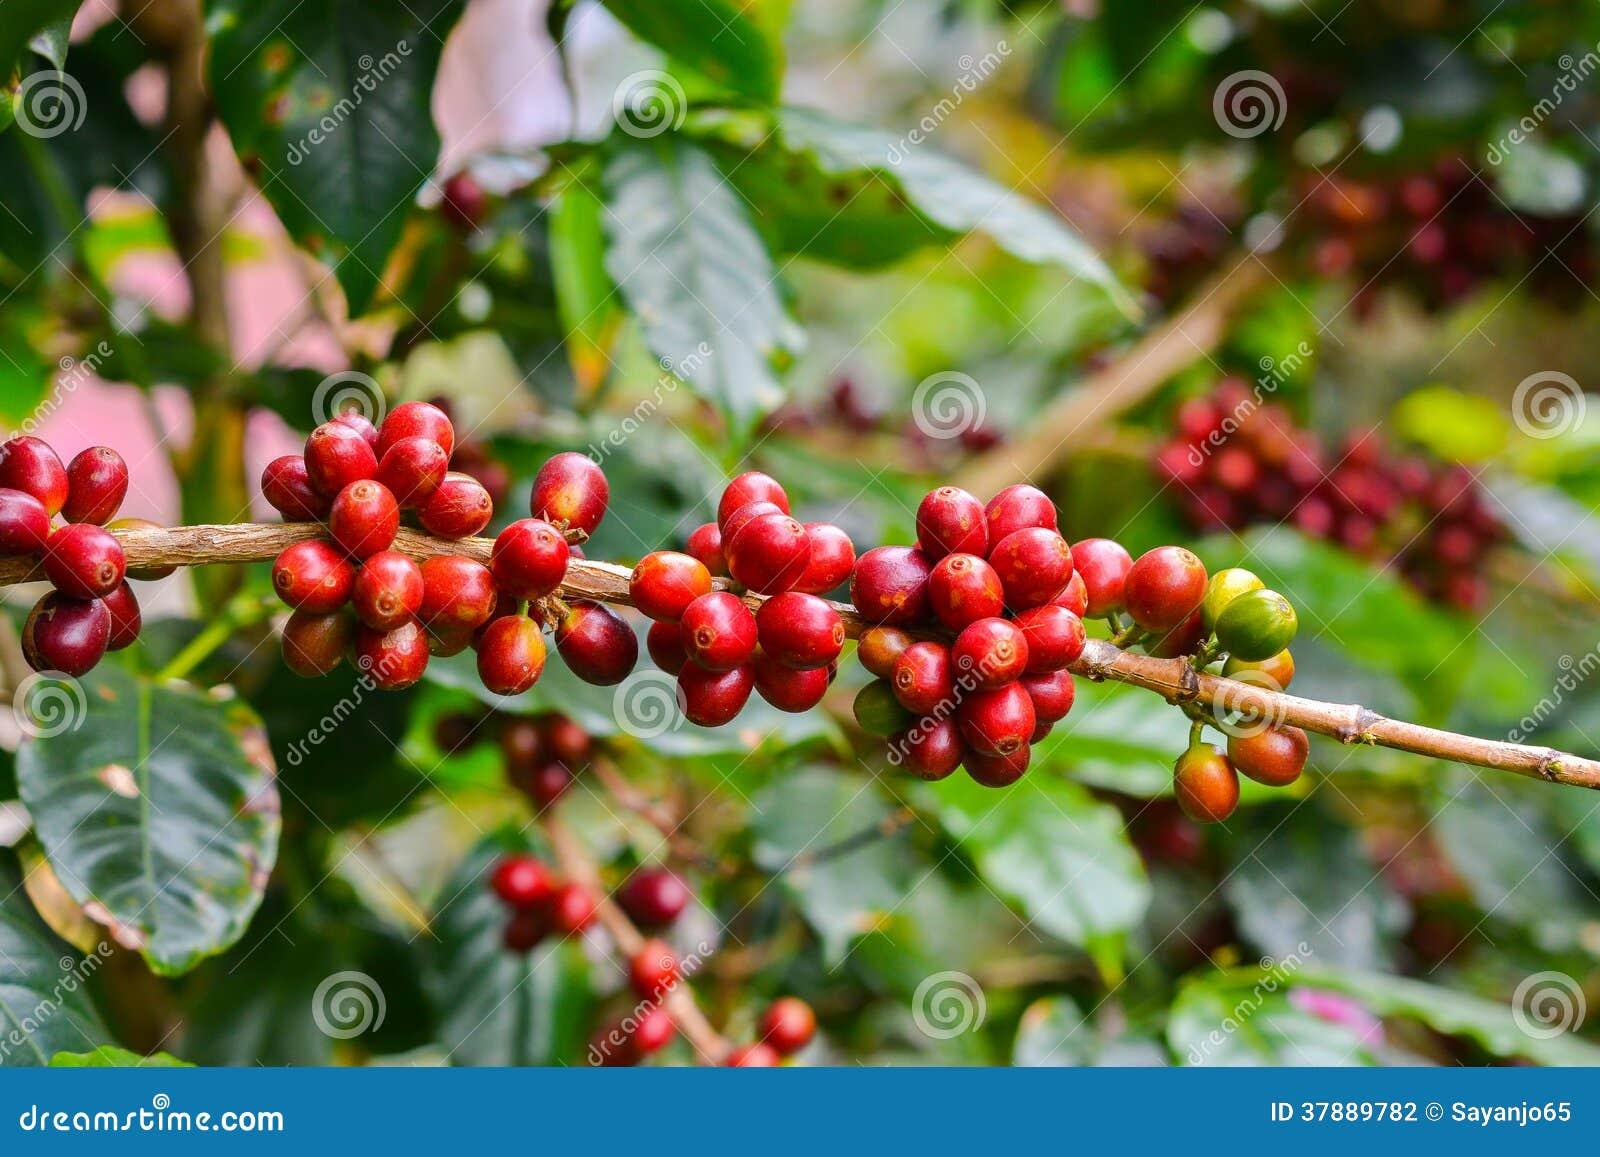 Koffie - rode vruchten nog op installatie.